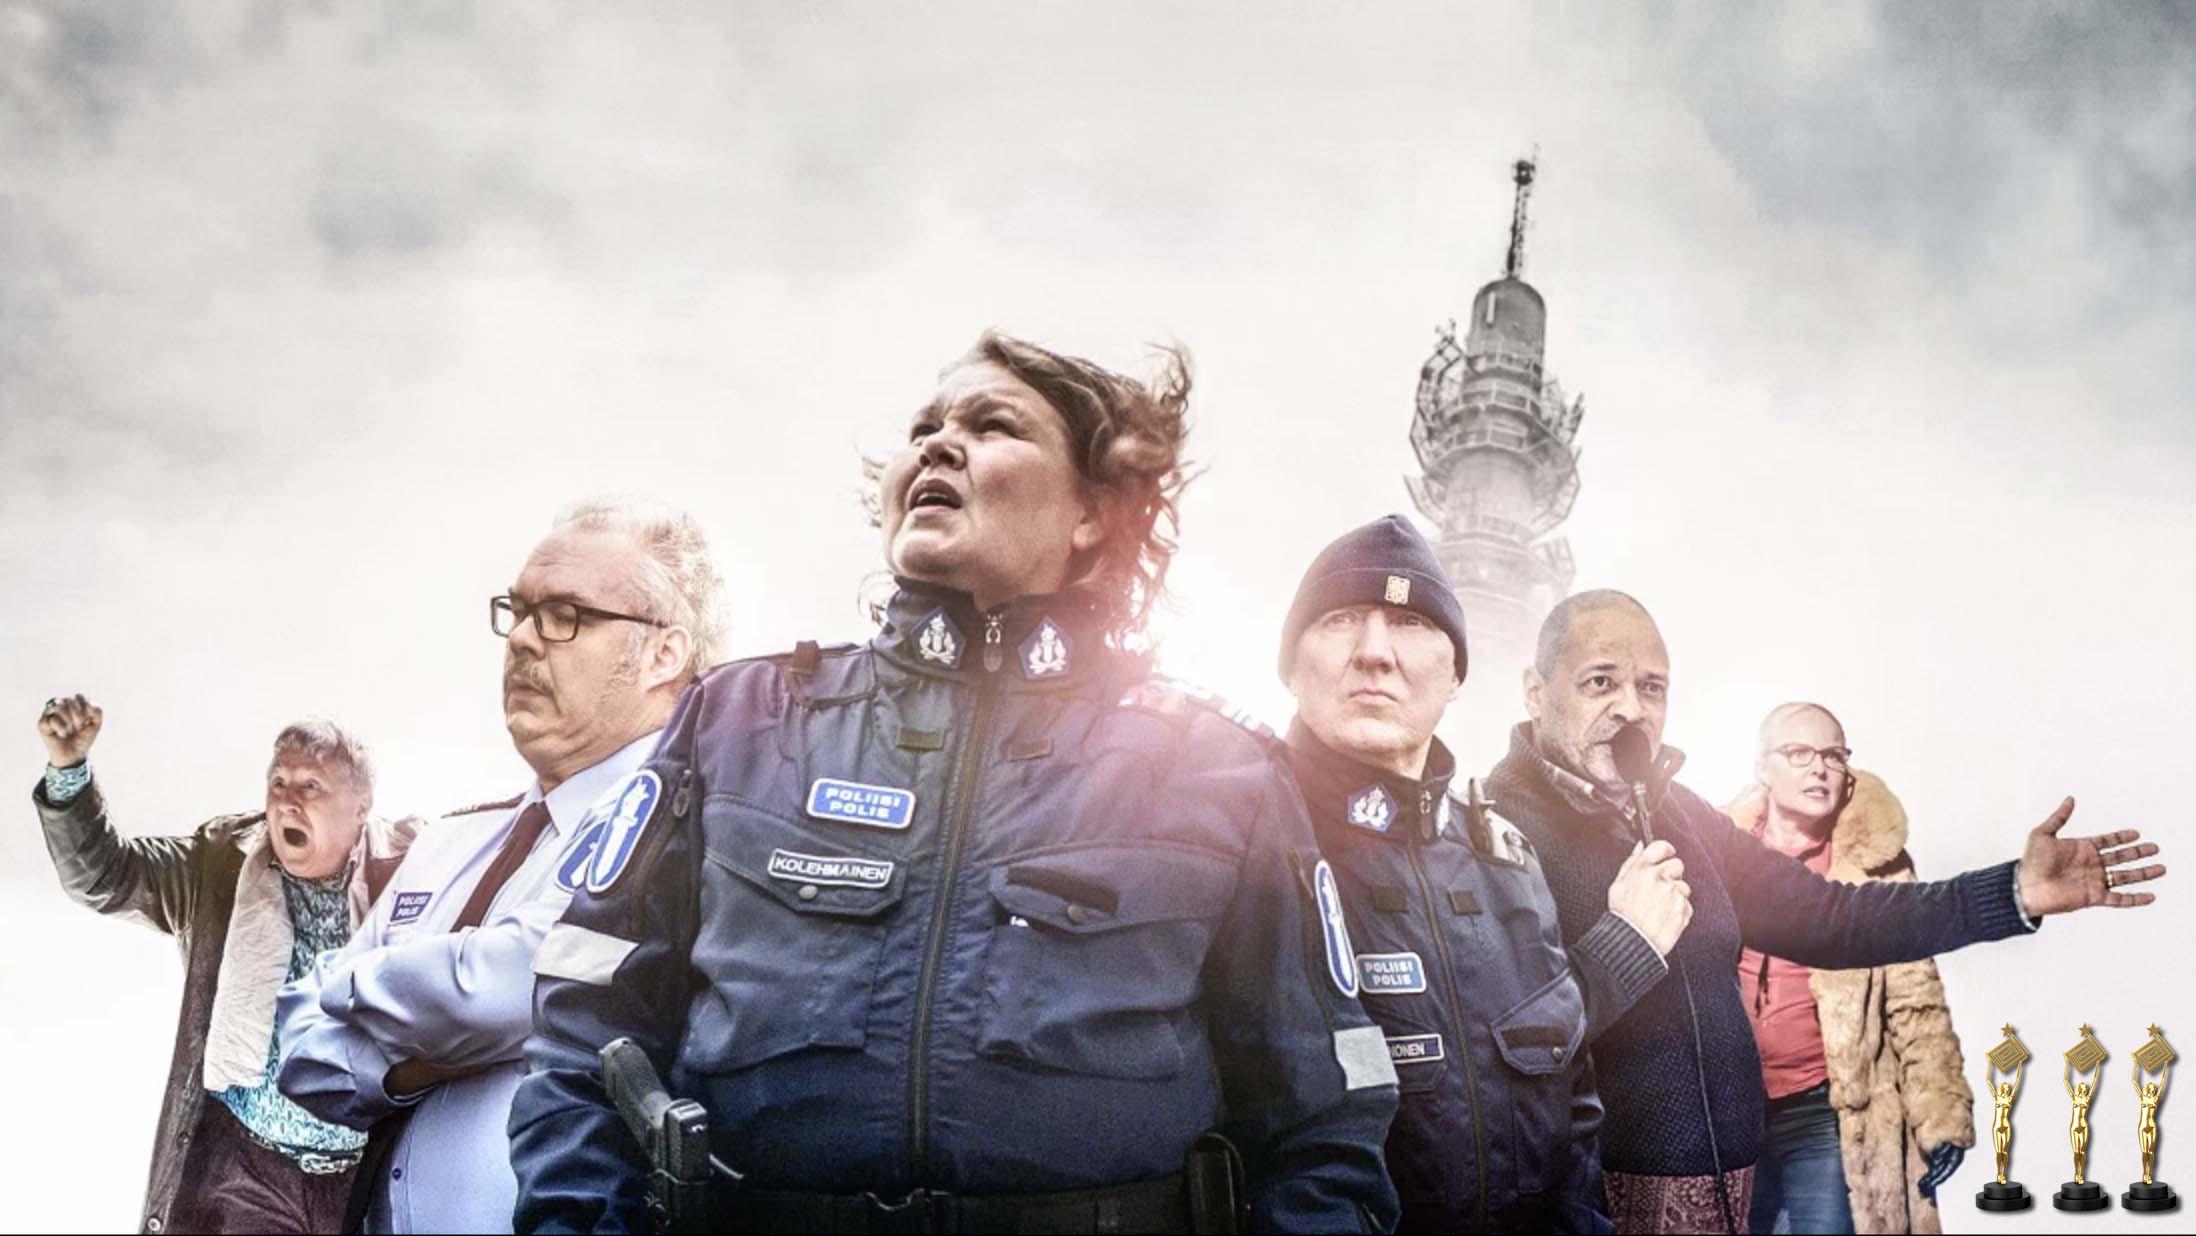 Myrskyn Jäkeen / Love & Order   3x50min mini series.  Directed by Leea Klemola. produced by: Aamu filmcompany 3x50, 2017